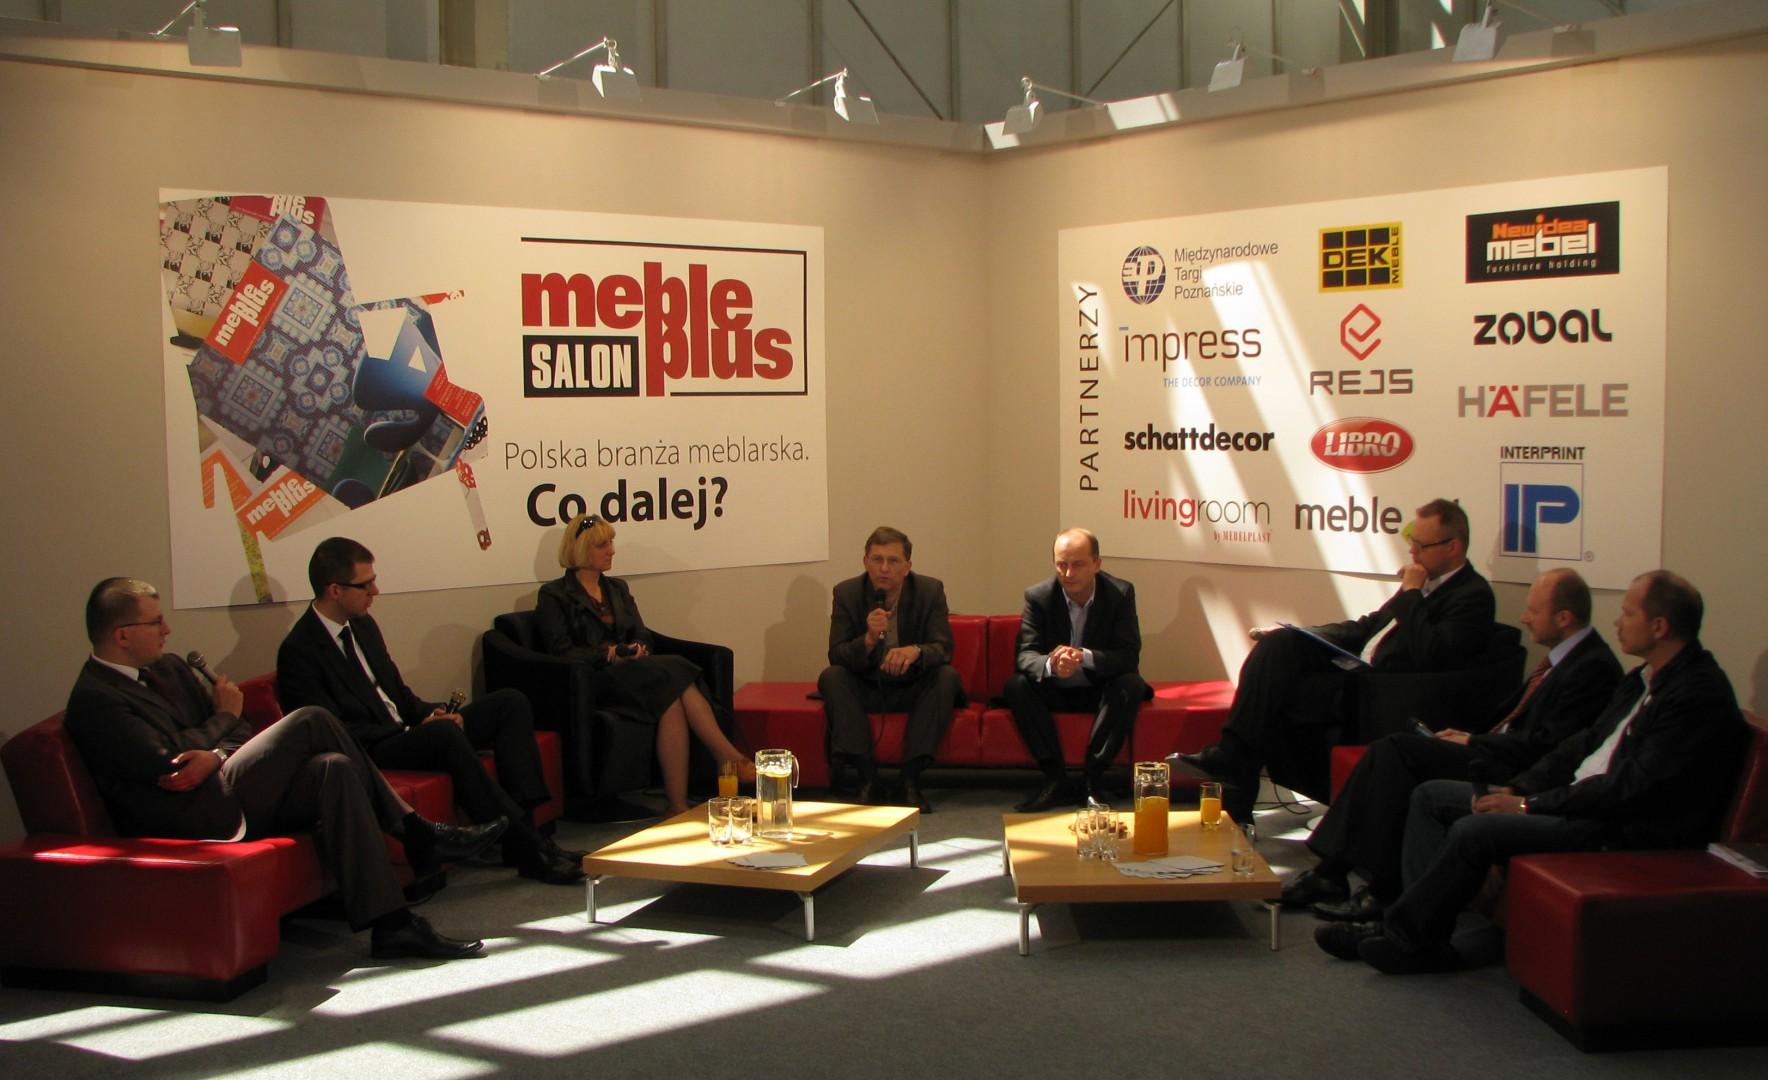 """""""Róbmy swoje!"""" - to wniosek z burzliwej dyskusji, którą zorganizowała redakcji miesięcznika """"Meble Plus"""" w Poznaniu w 2009 r. Fot. archiwum"""